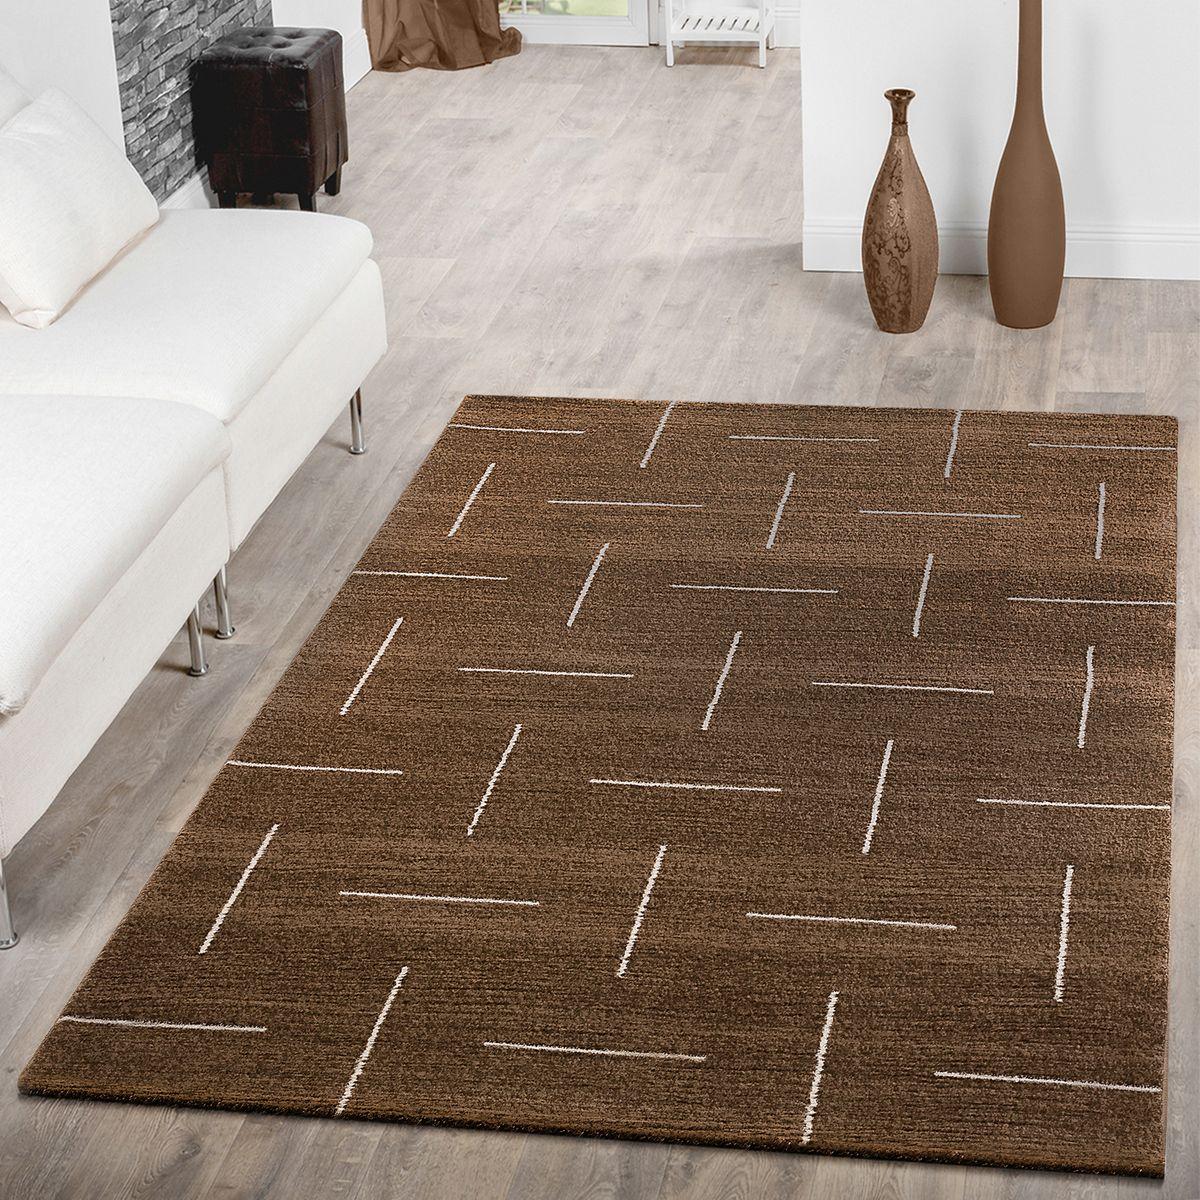 Full Size of Wohnzimmer Teppich Grün Wohnzimmer Teppich 150x150 Wie Groß Sollte Wohnzimmer Teppich Sein Teppich Wohnzimmer Anordnen Wohnzimmer Wohnzimmer Teppich